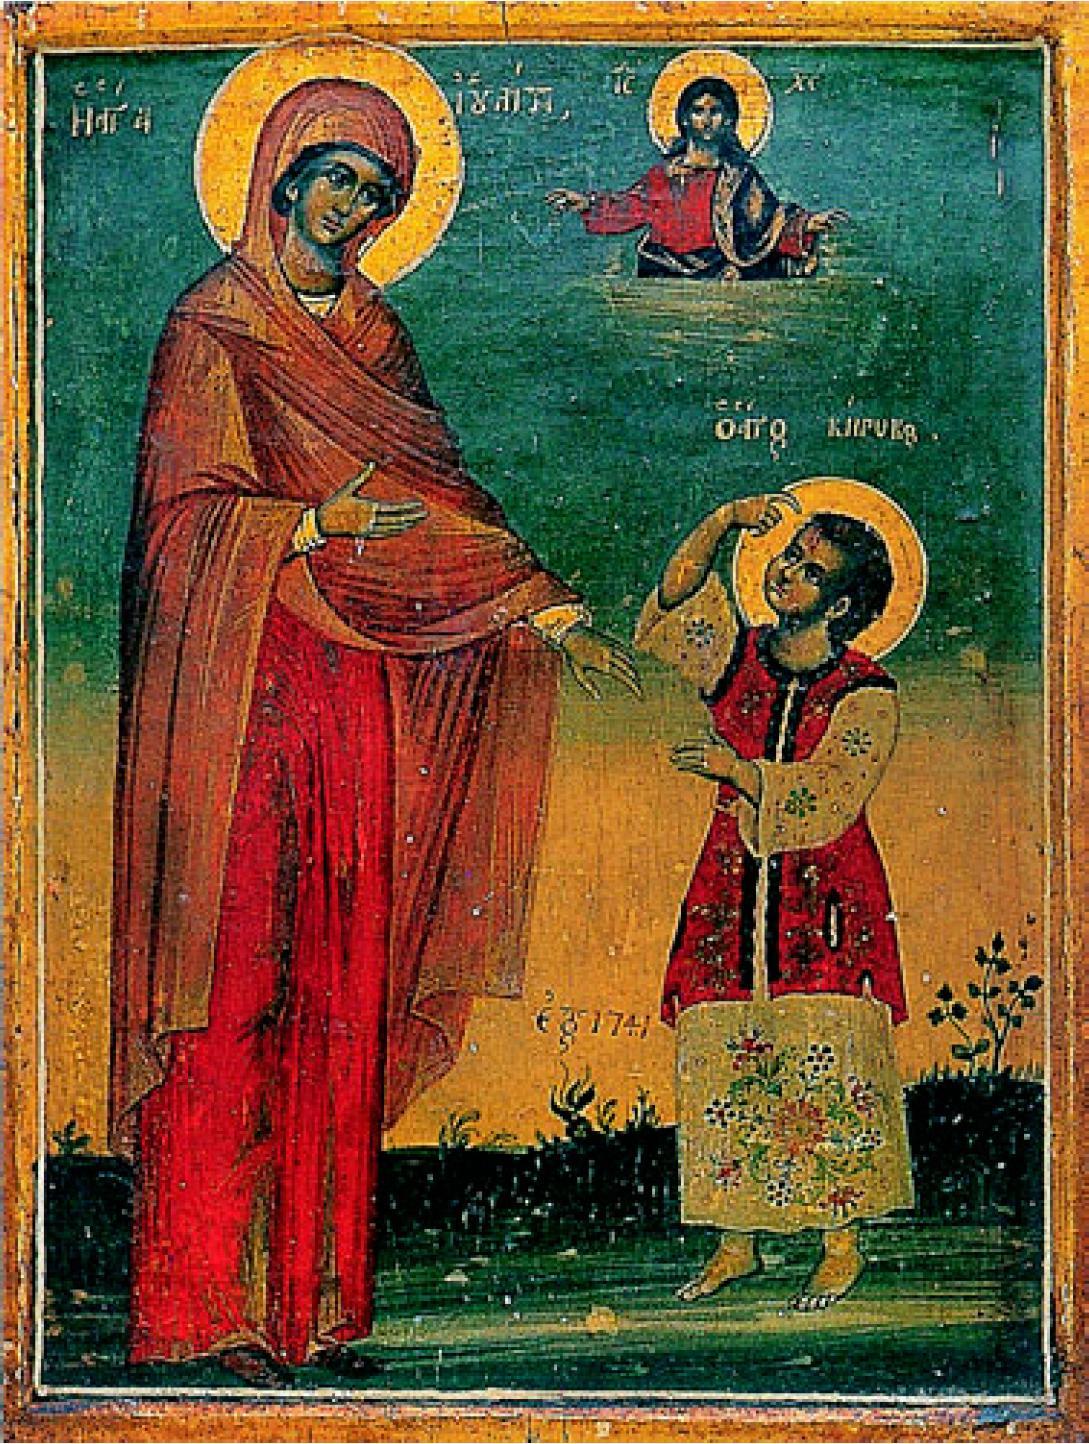 Άγιοι Κήρυκος και Ιουλίττα: ένα αγοράκι τριών ετών και η μητέρα ...